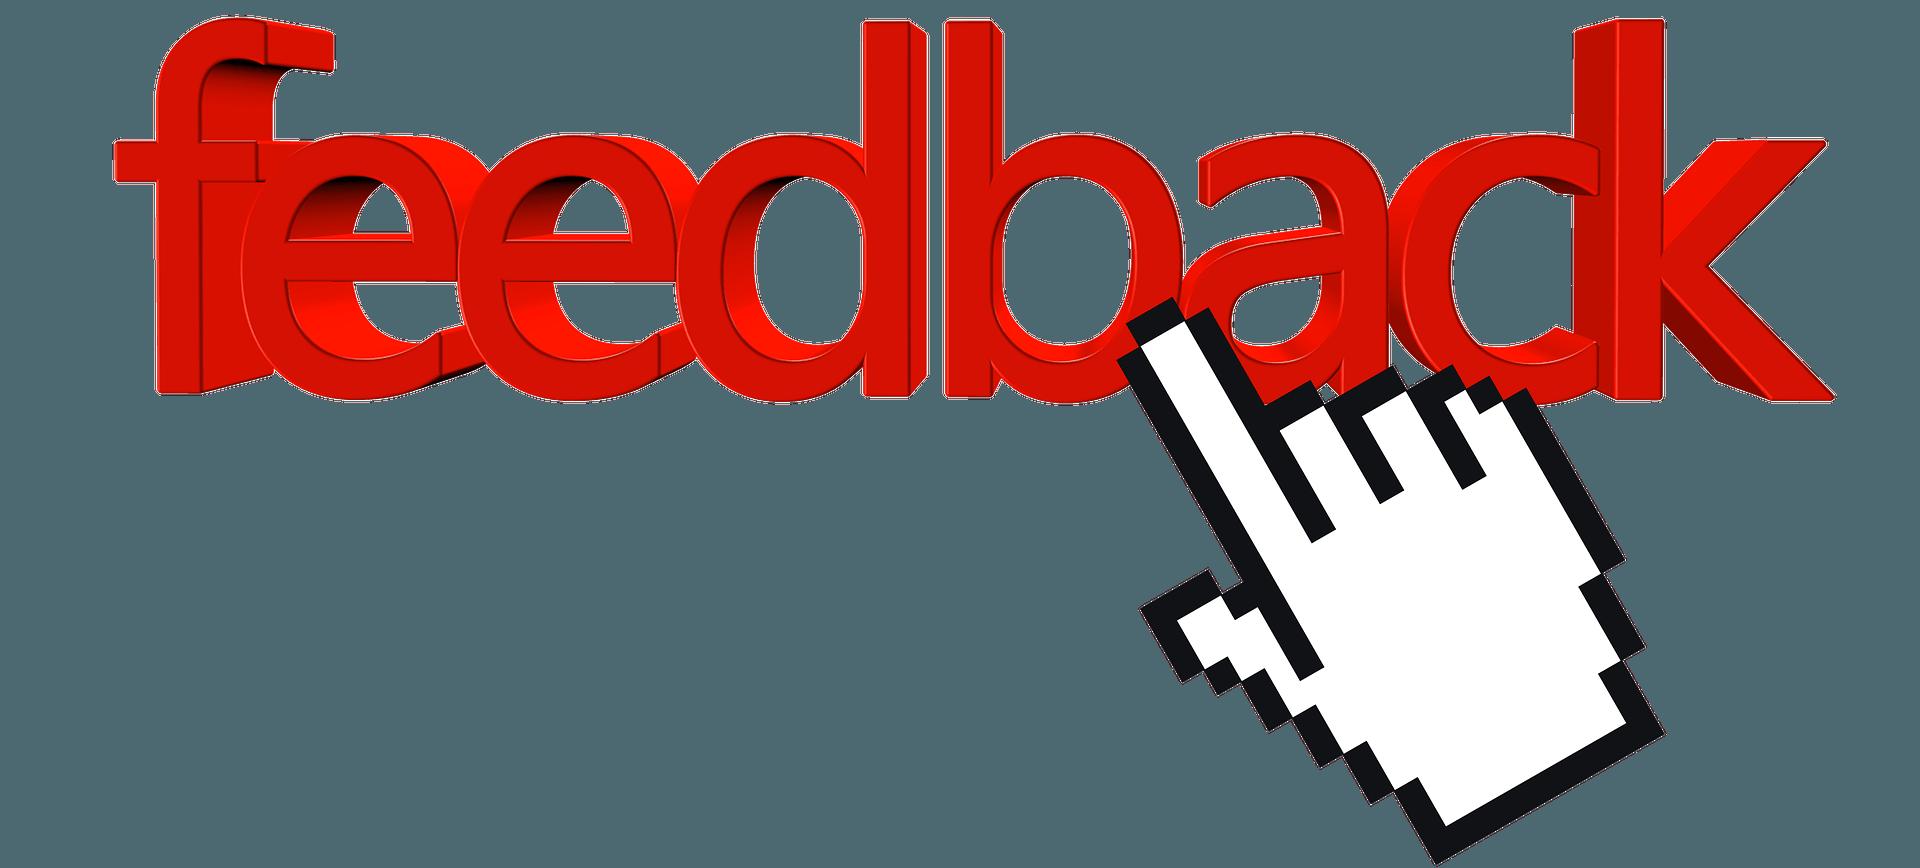 feedback-1872310_1920